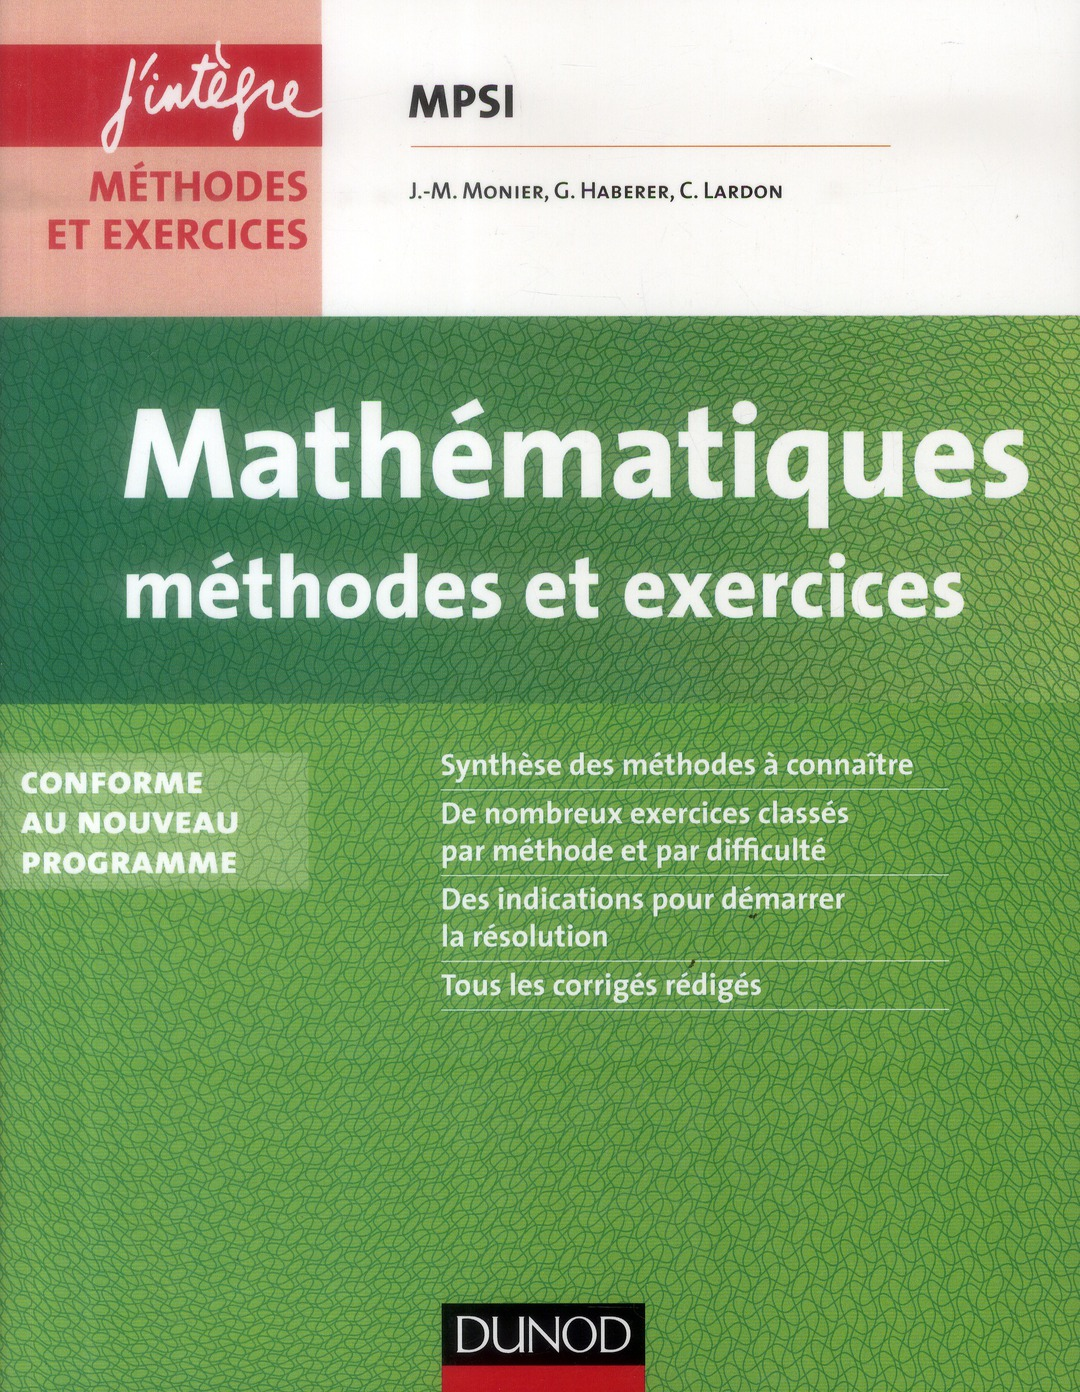 Mathématiques ; MPSI ; méthodes et exercices (2e édition)